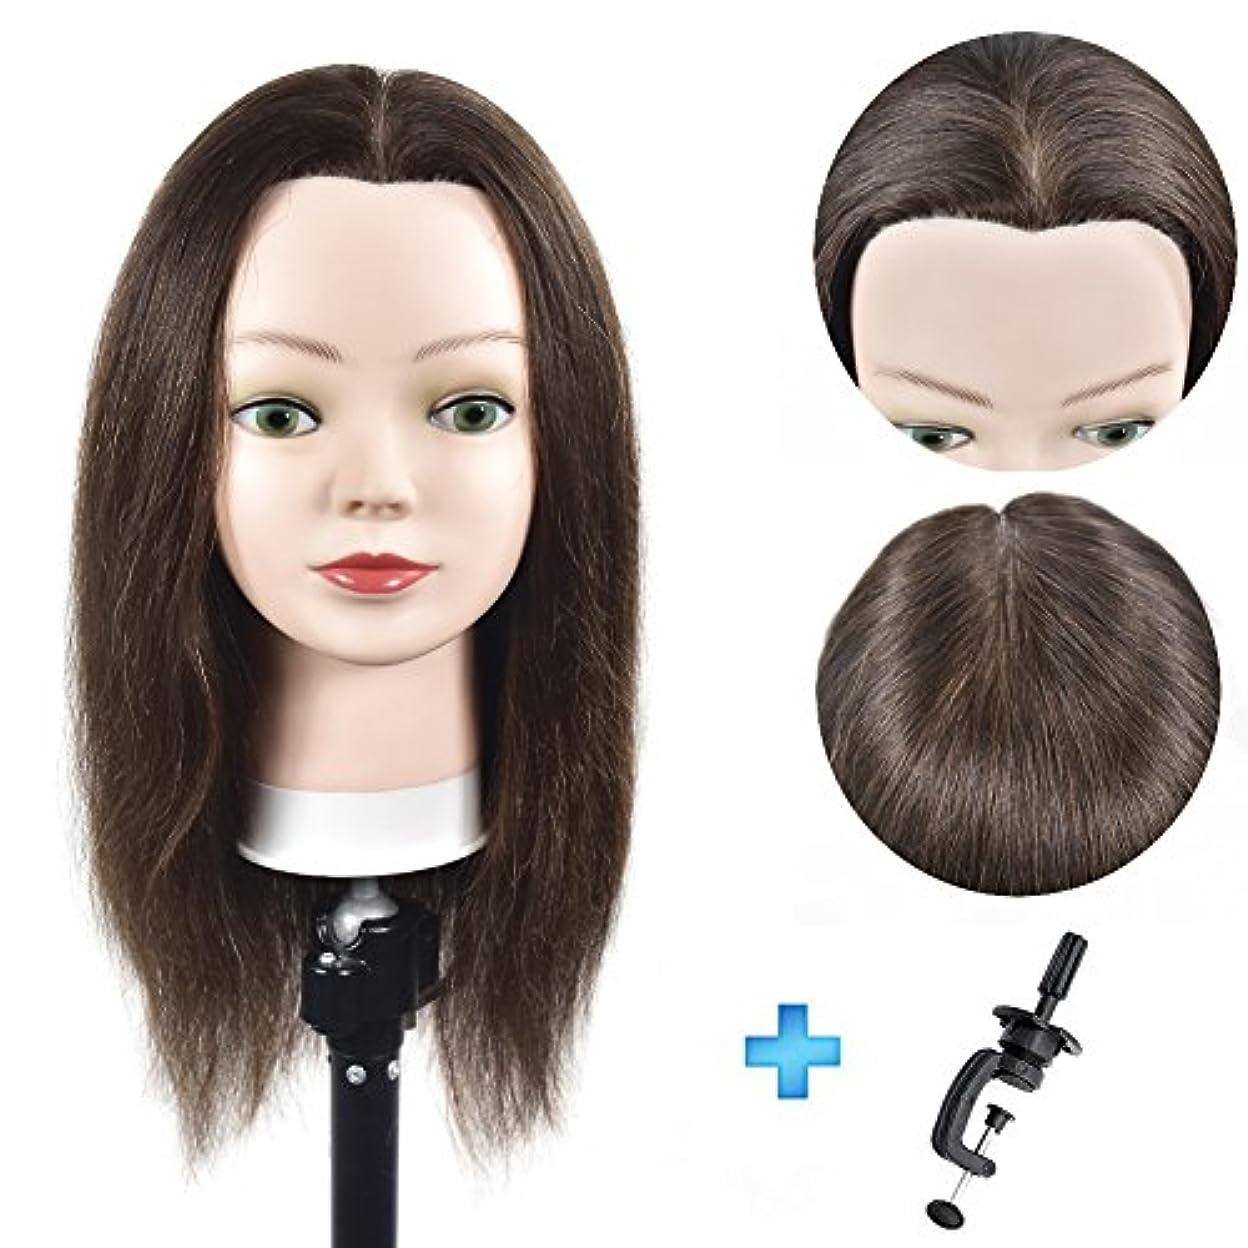 いわゆる信仰損傷16インチマネキンヘッド100%人間の髪の美容師のトレーニングヘッドマネキン美容師の人形ヘッド(テーブルクランプスタンドが含まれています)